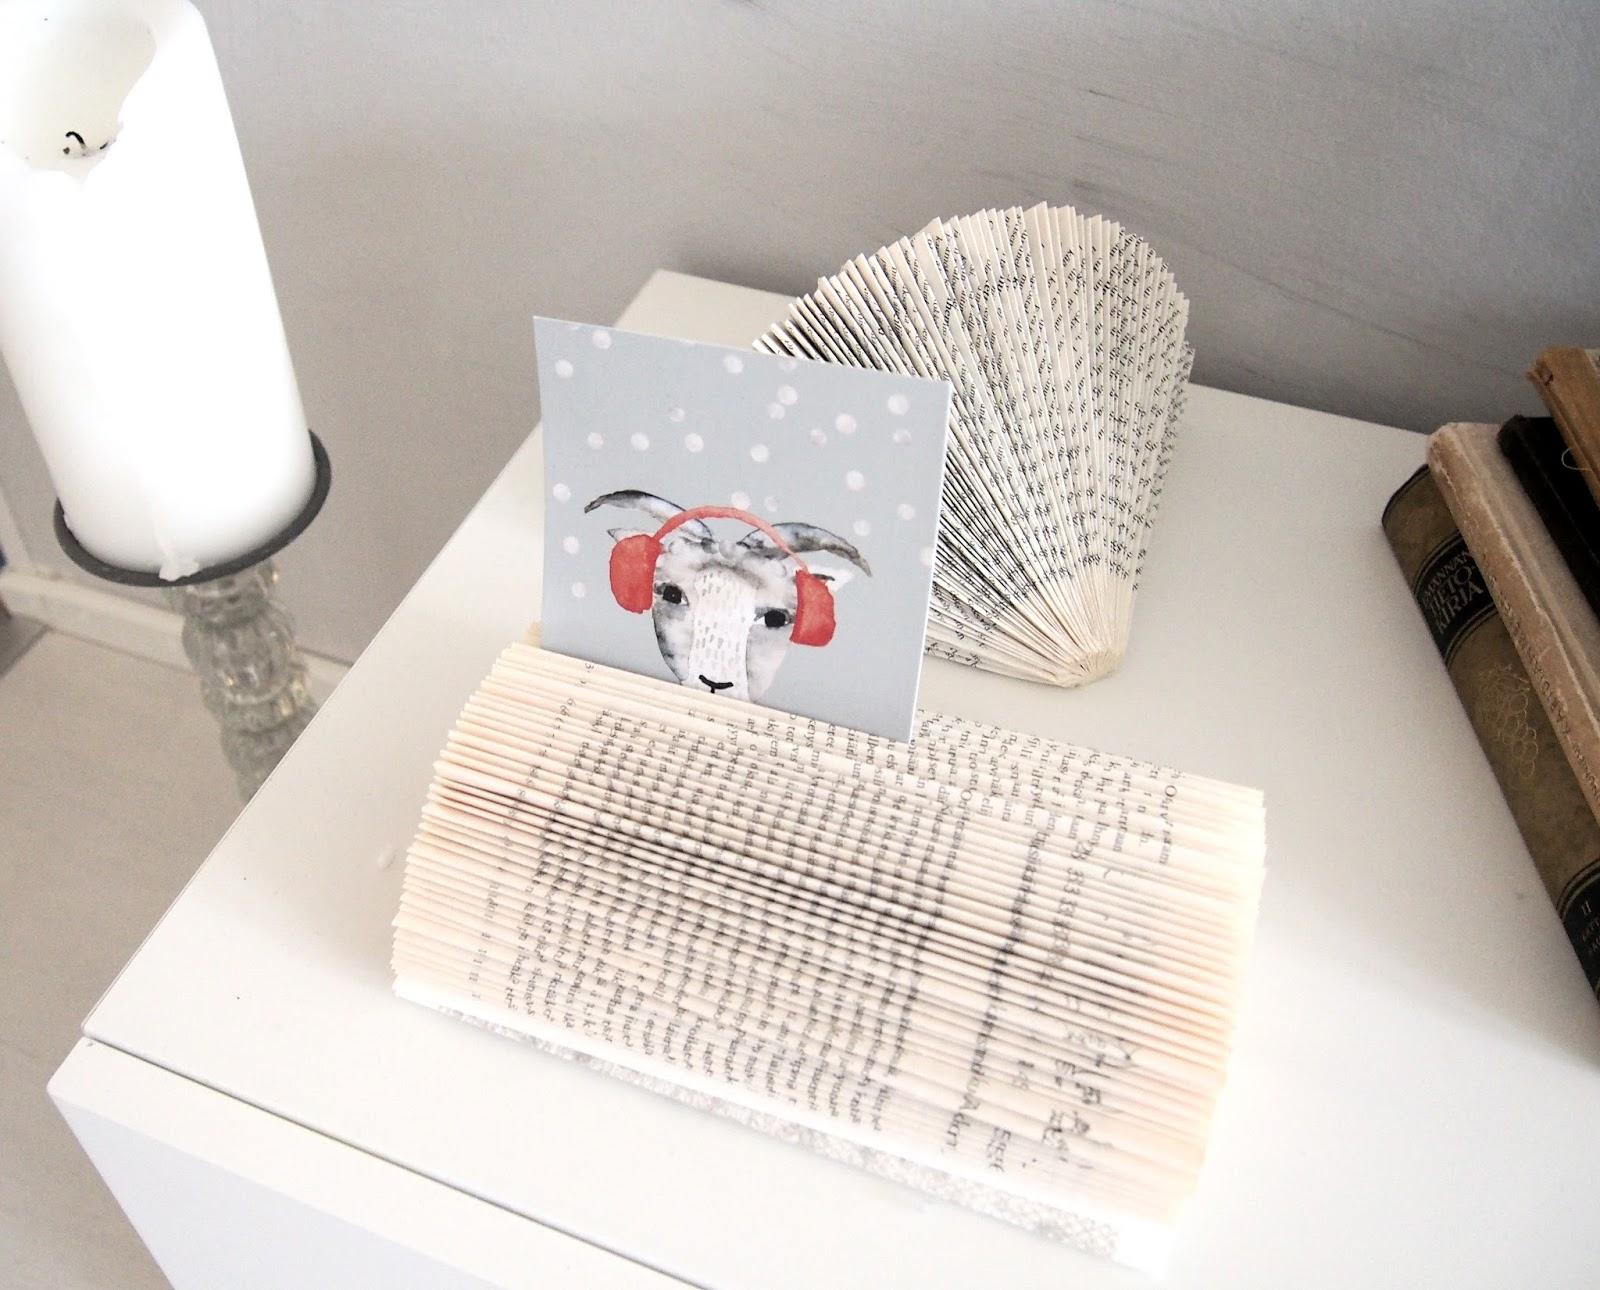 joulukortit kirjaviuhkassa